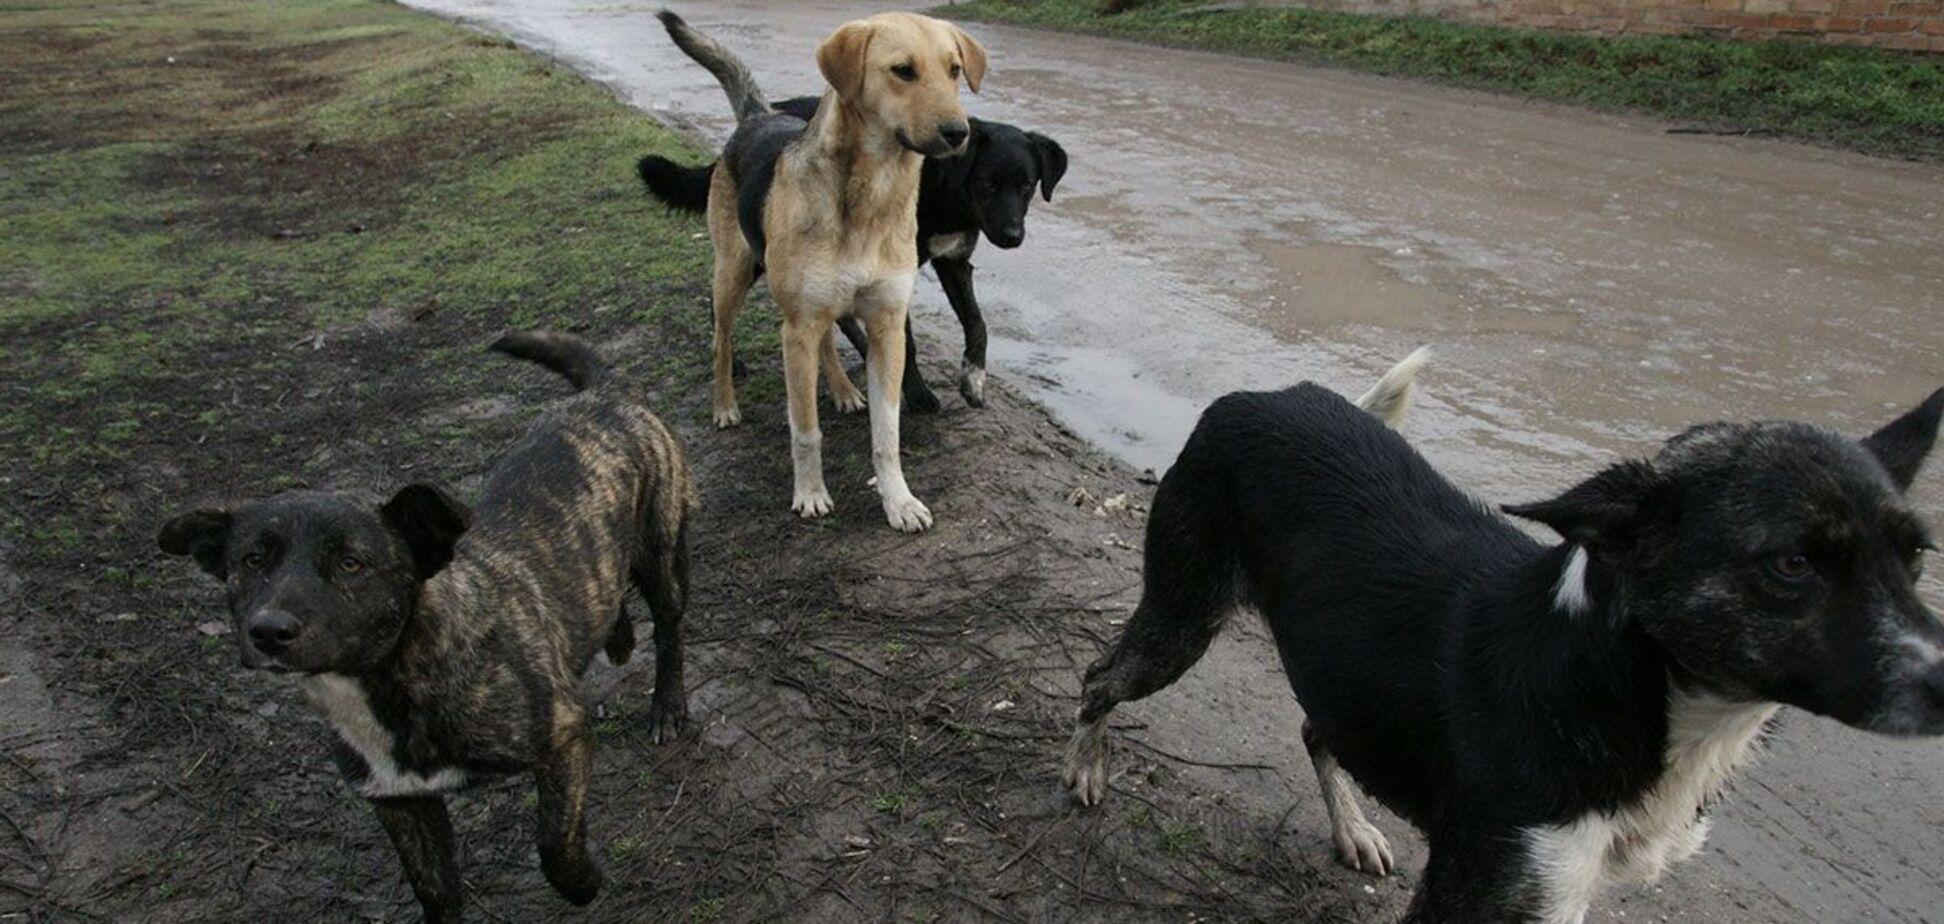 На Одесщине задержали депутата по подозрению в убийстве пяти собак